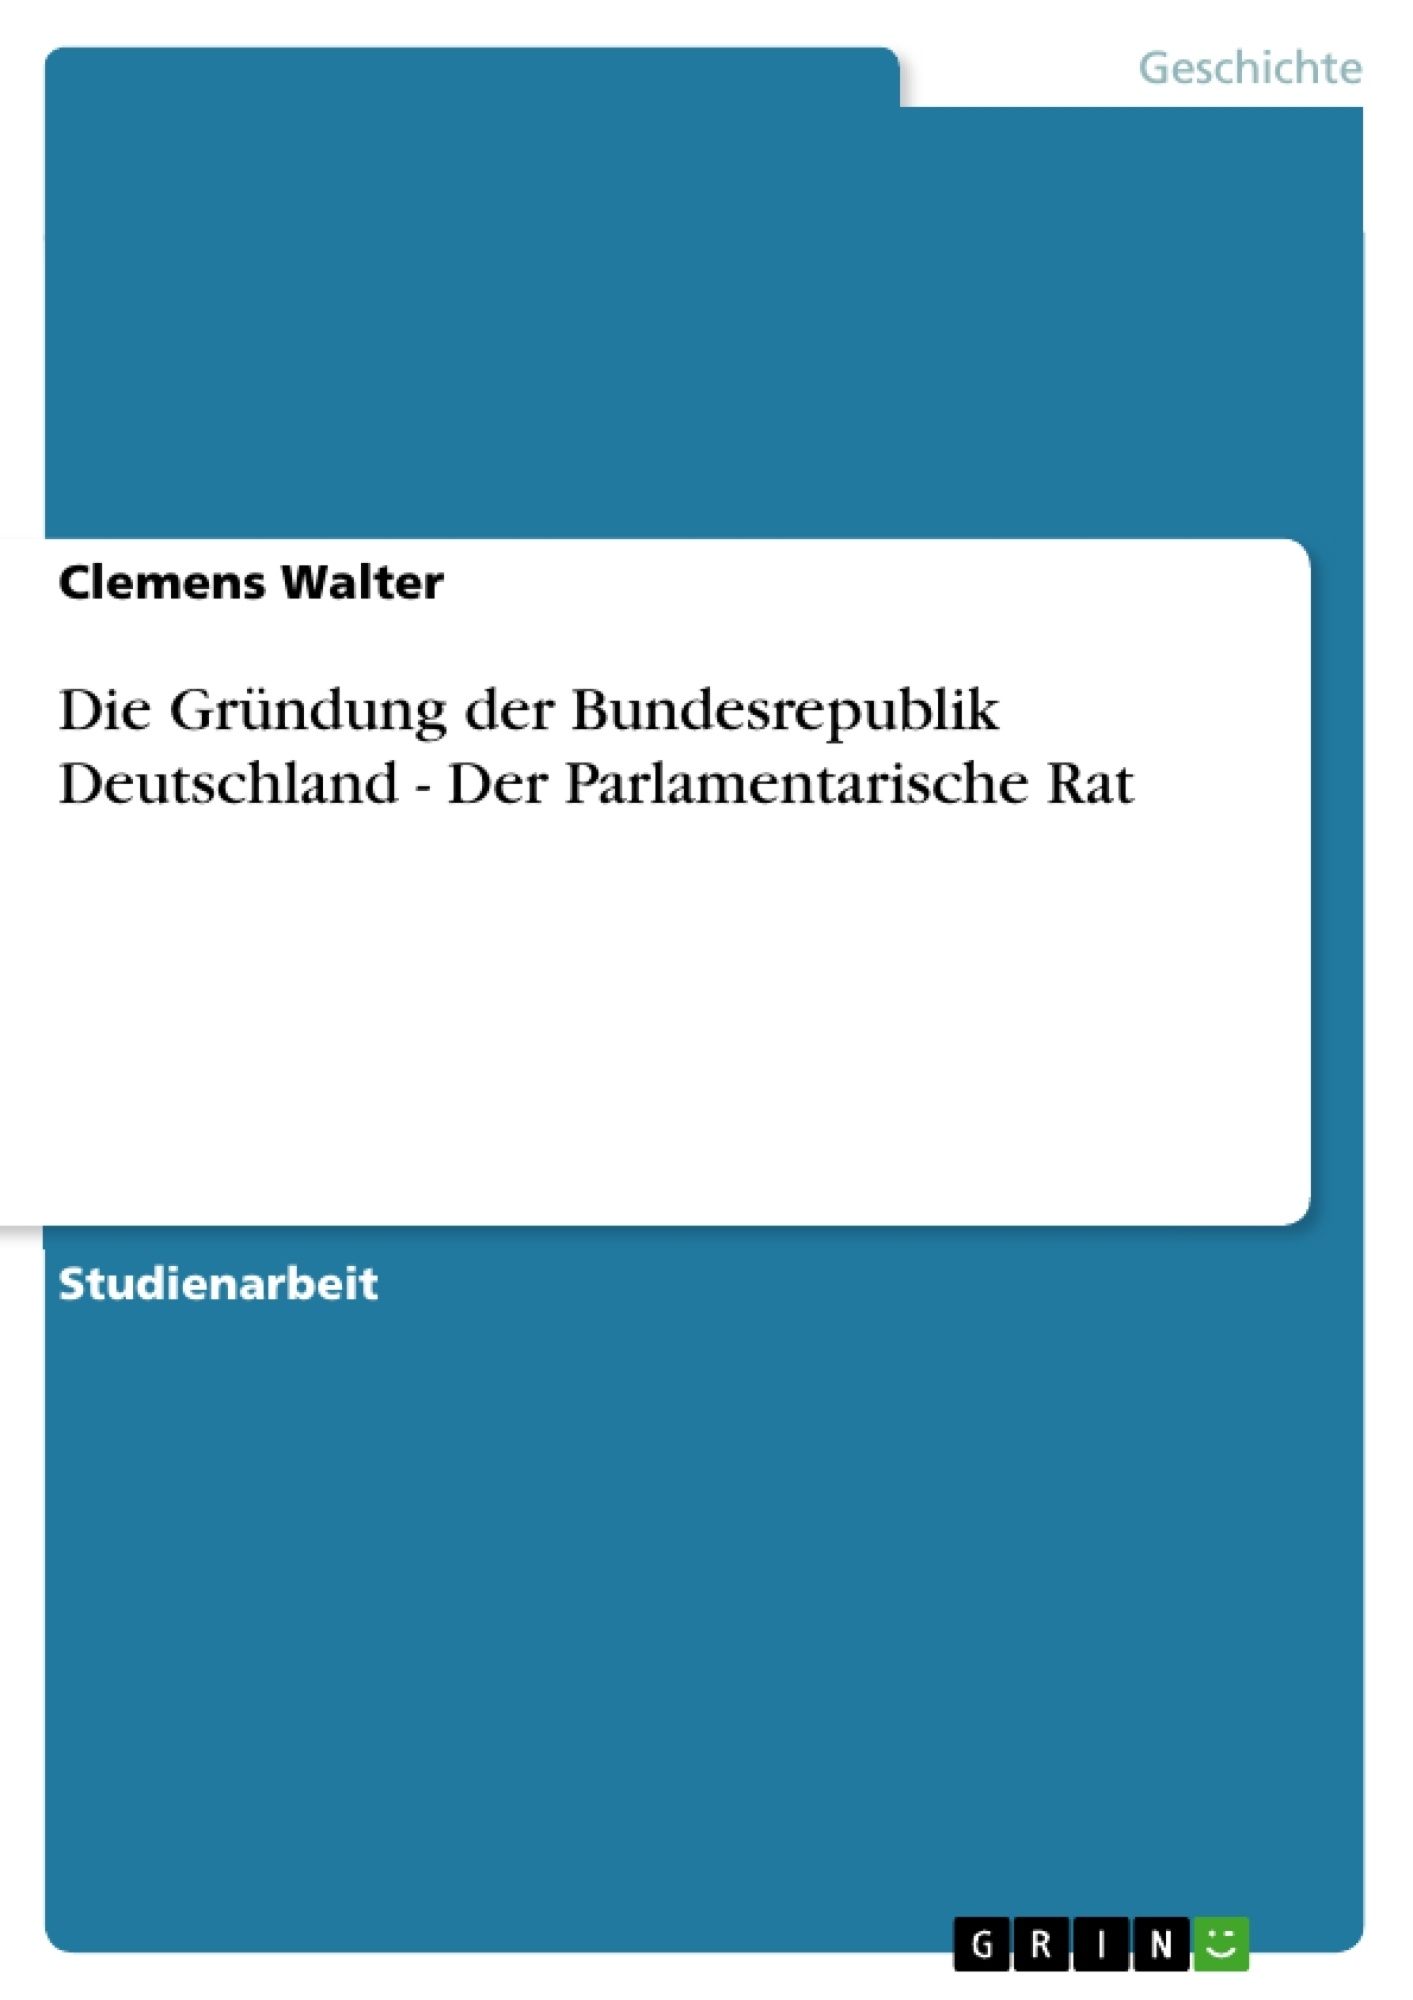 Titel: Die Gründung der Bundesrepublik Deutschland - Der Parlamentarische Rat